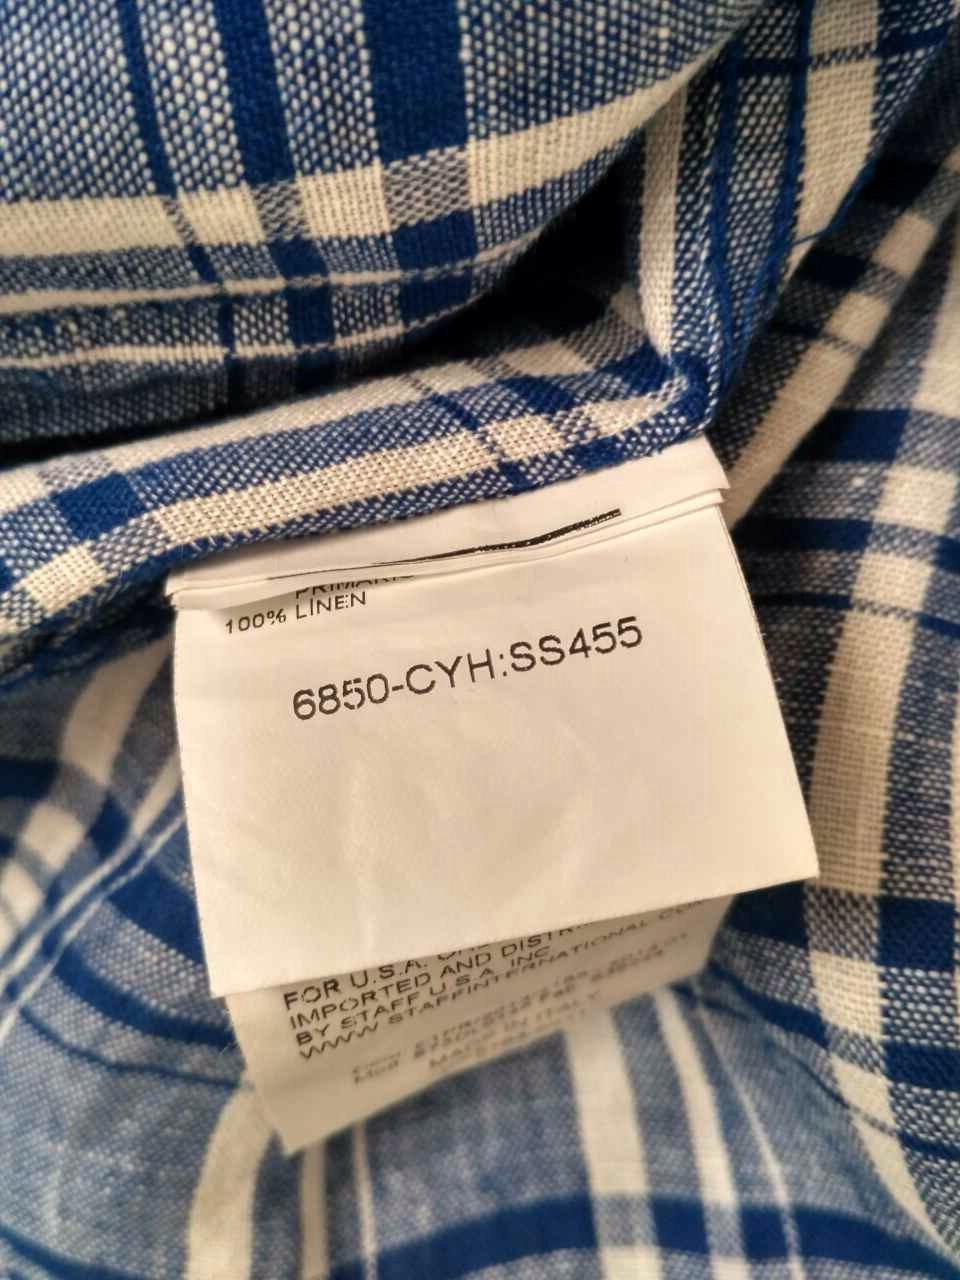 Женская рубашка в клетку Dsquared2. Р-р 42.